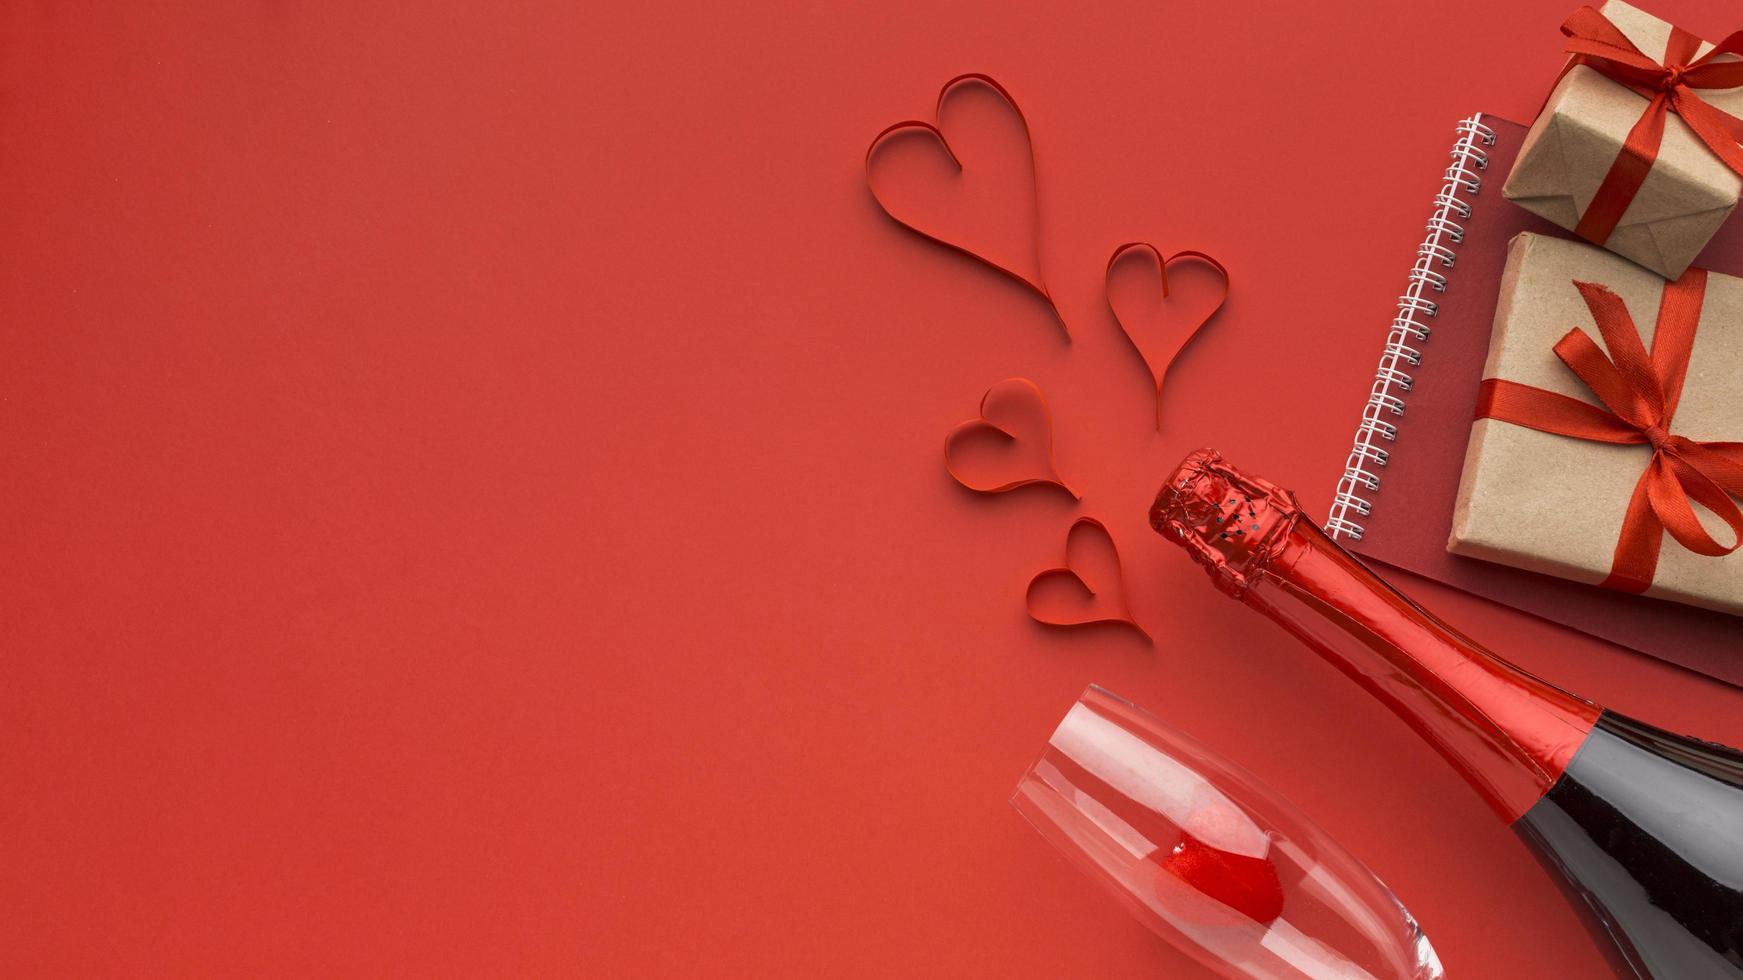 articles de la saint-valentin sur fond rouge photo